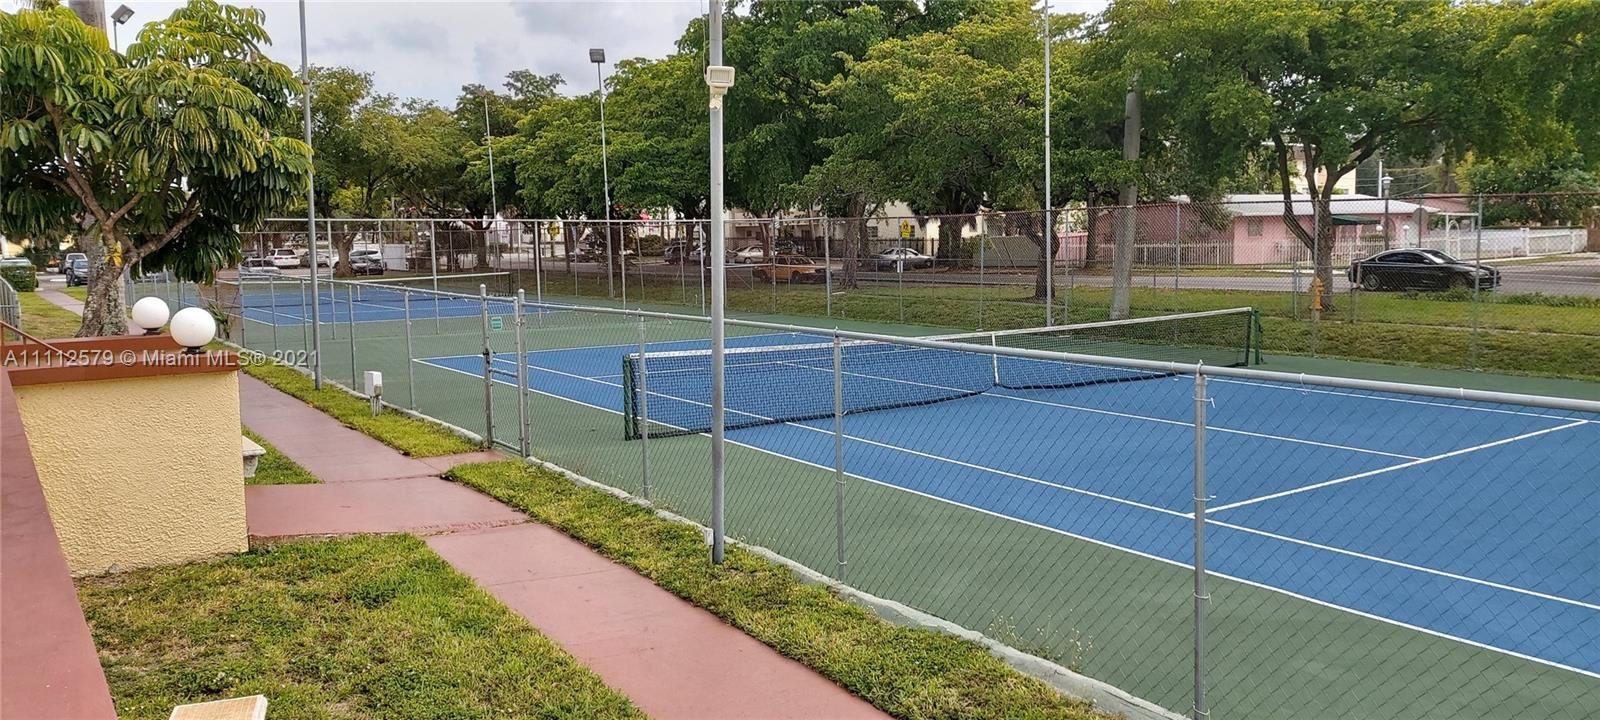 Photo of 12035 NE 2nd Ave #A110, North Miami, FL 33161 (MLS # A11112579)